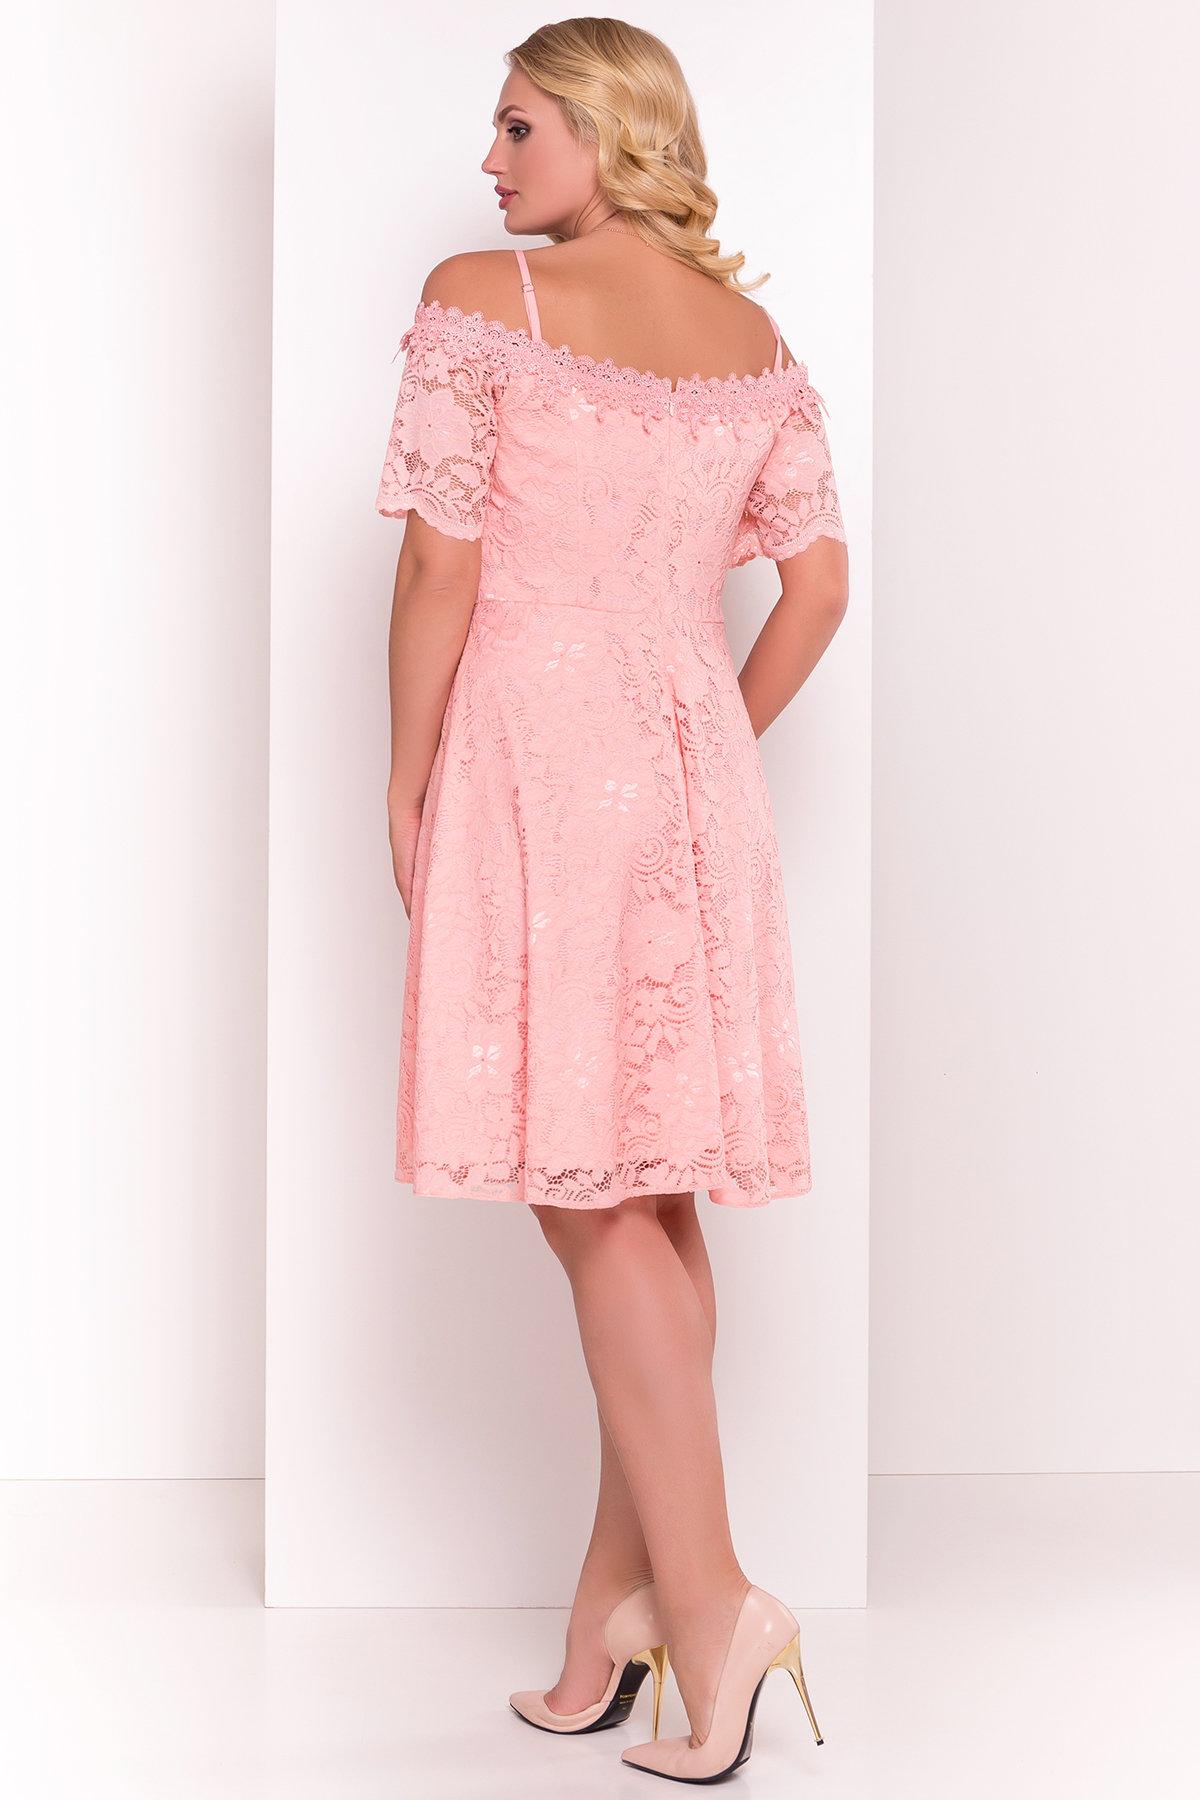 Платье Виола Donna 5059 АРТ. 35714 Цвет: Персик - фото 3, интернет магазин tm-modus.ru